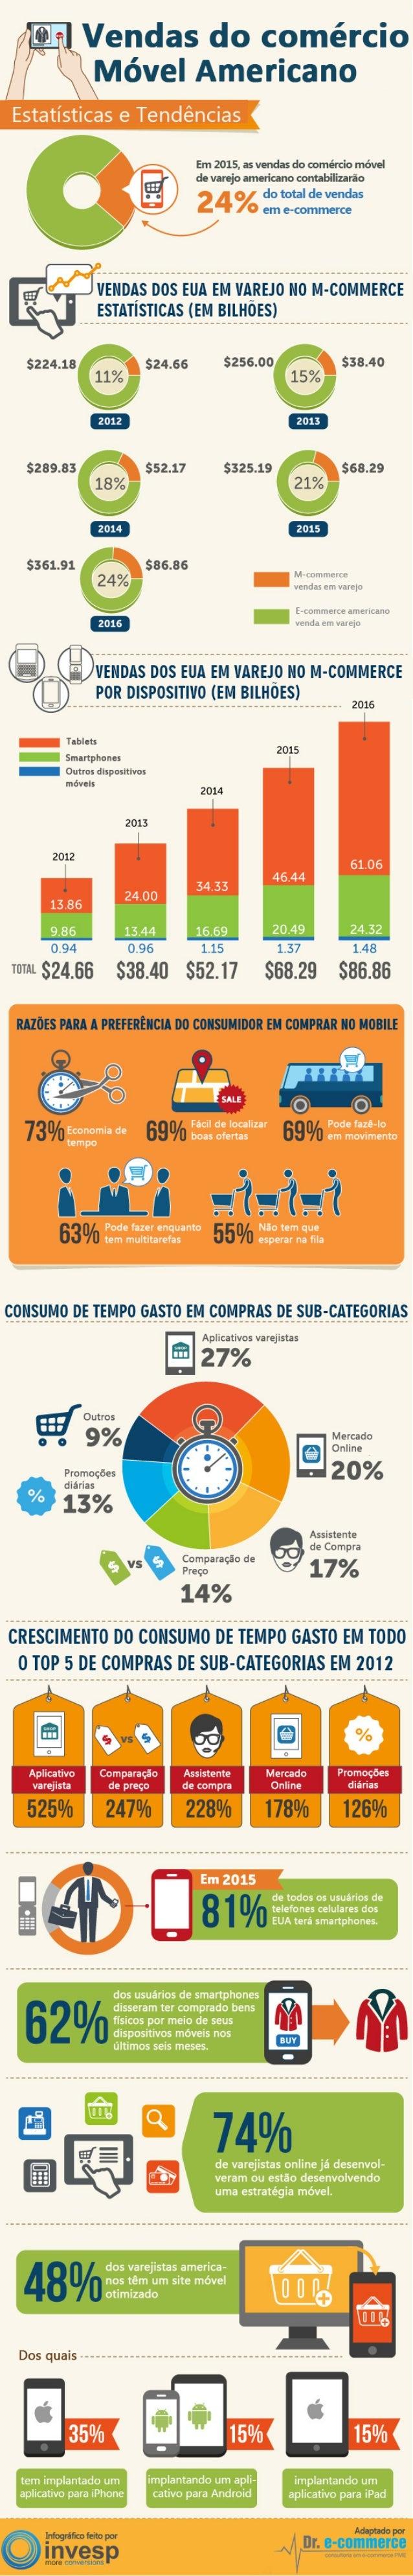 Vendas do comércio móvel americano - Dr. e-commerce